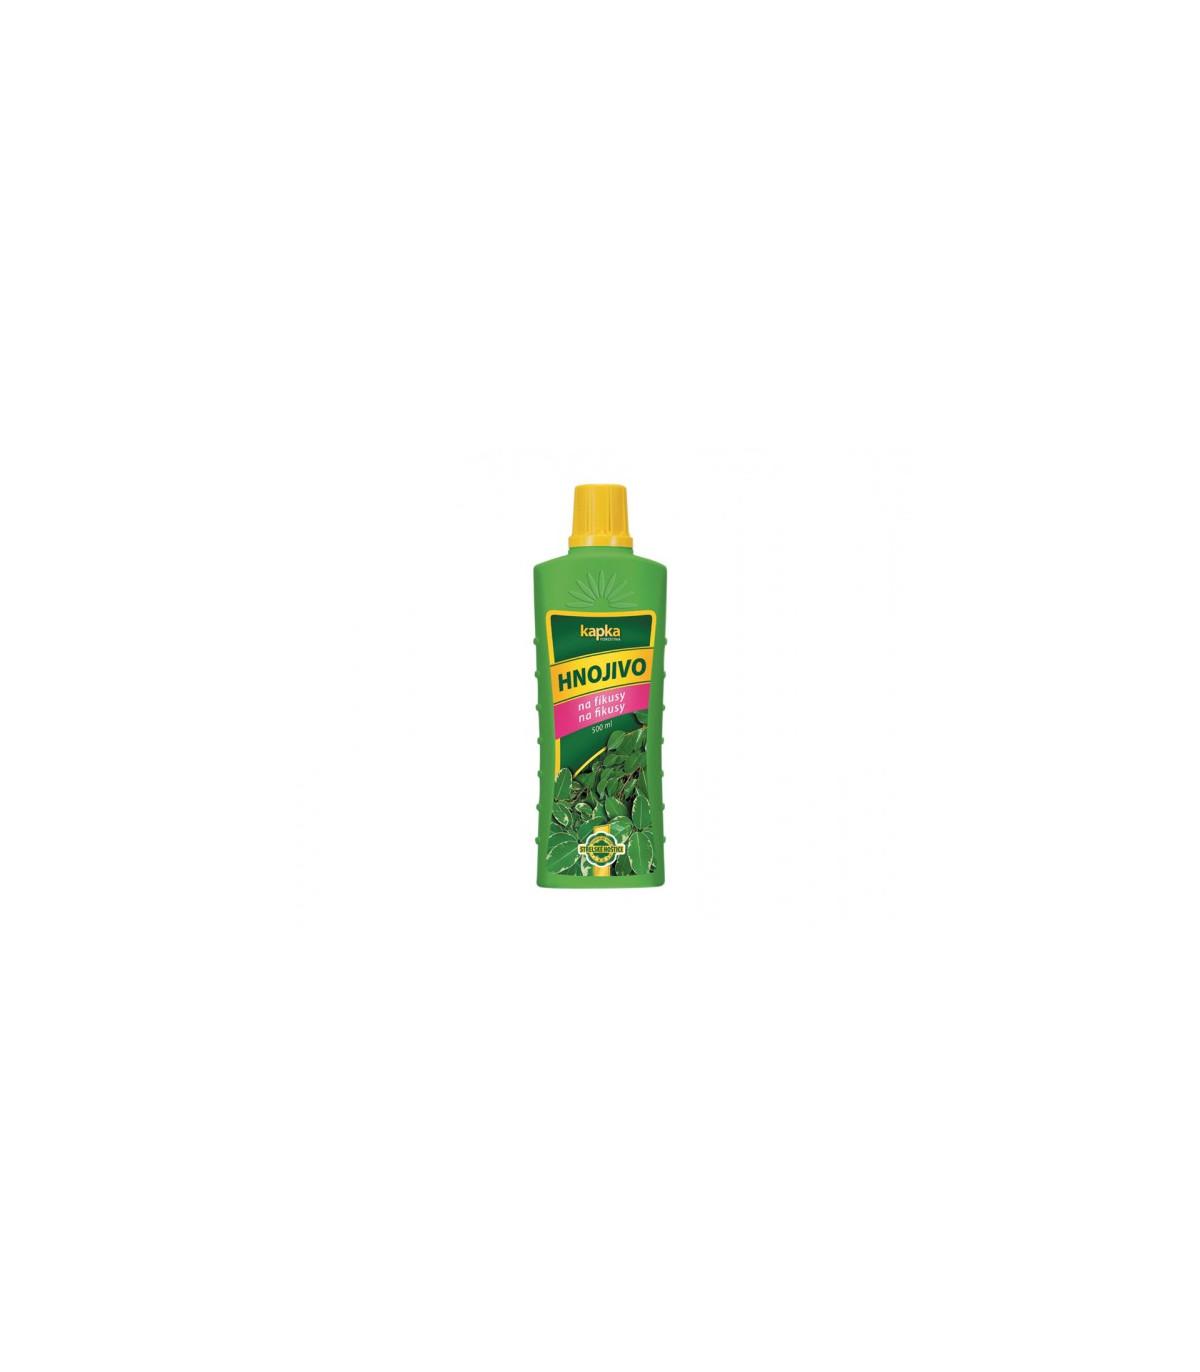 Hnojivo na fíkusy - Kapka - 500 ml